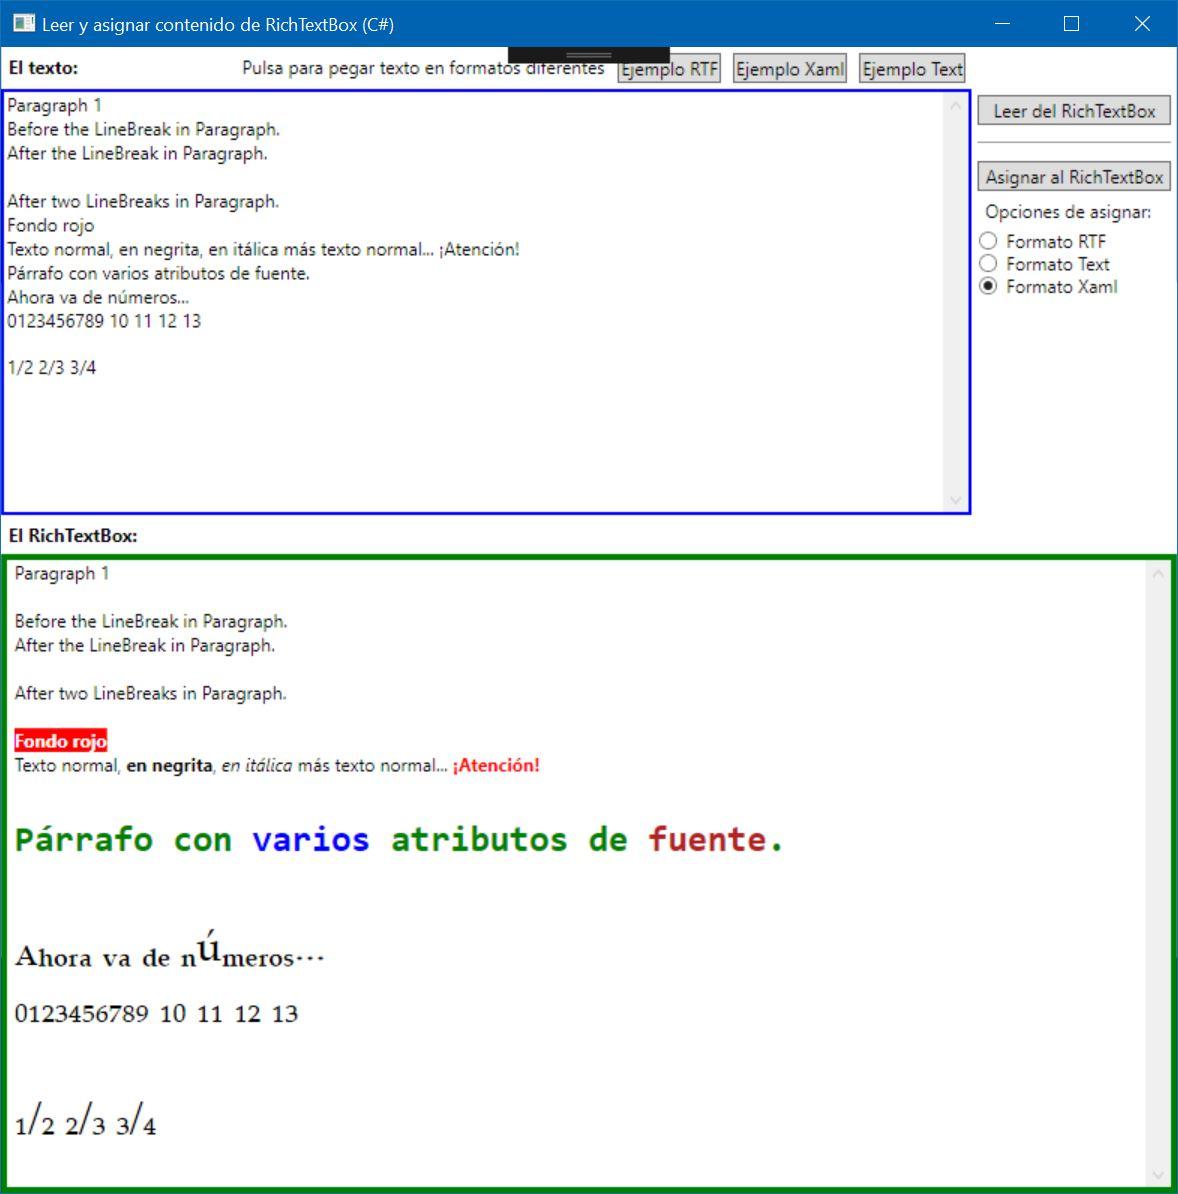 Figura 2. La aplicación en funcionamiento mostrando el código de ejemplo usado para el formato XAML.